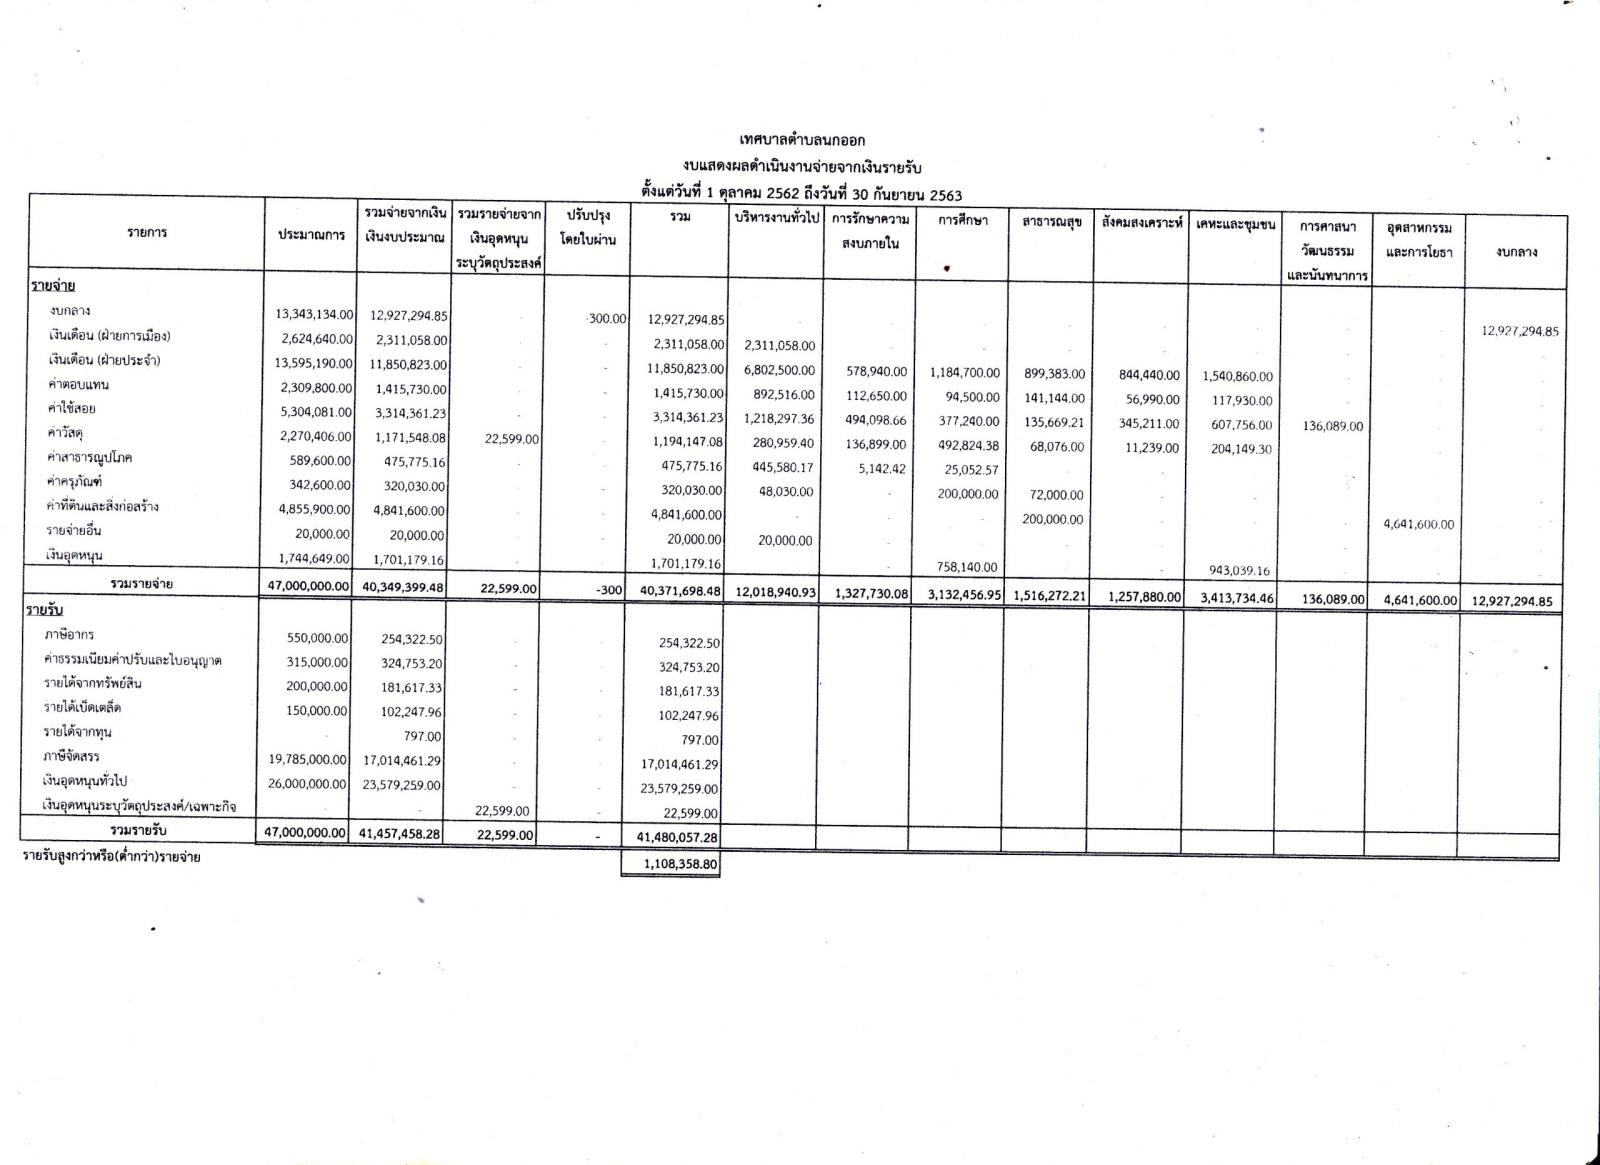 รายงานการรับจ่ายเงินประจำปีงบประมาณ2563